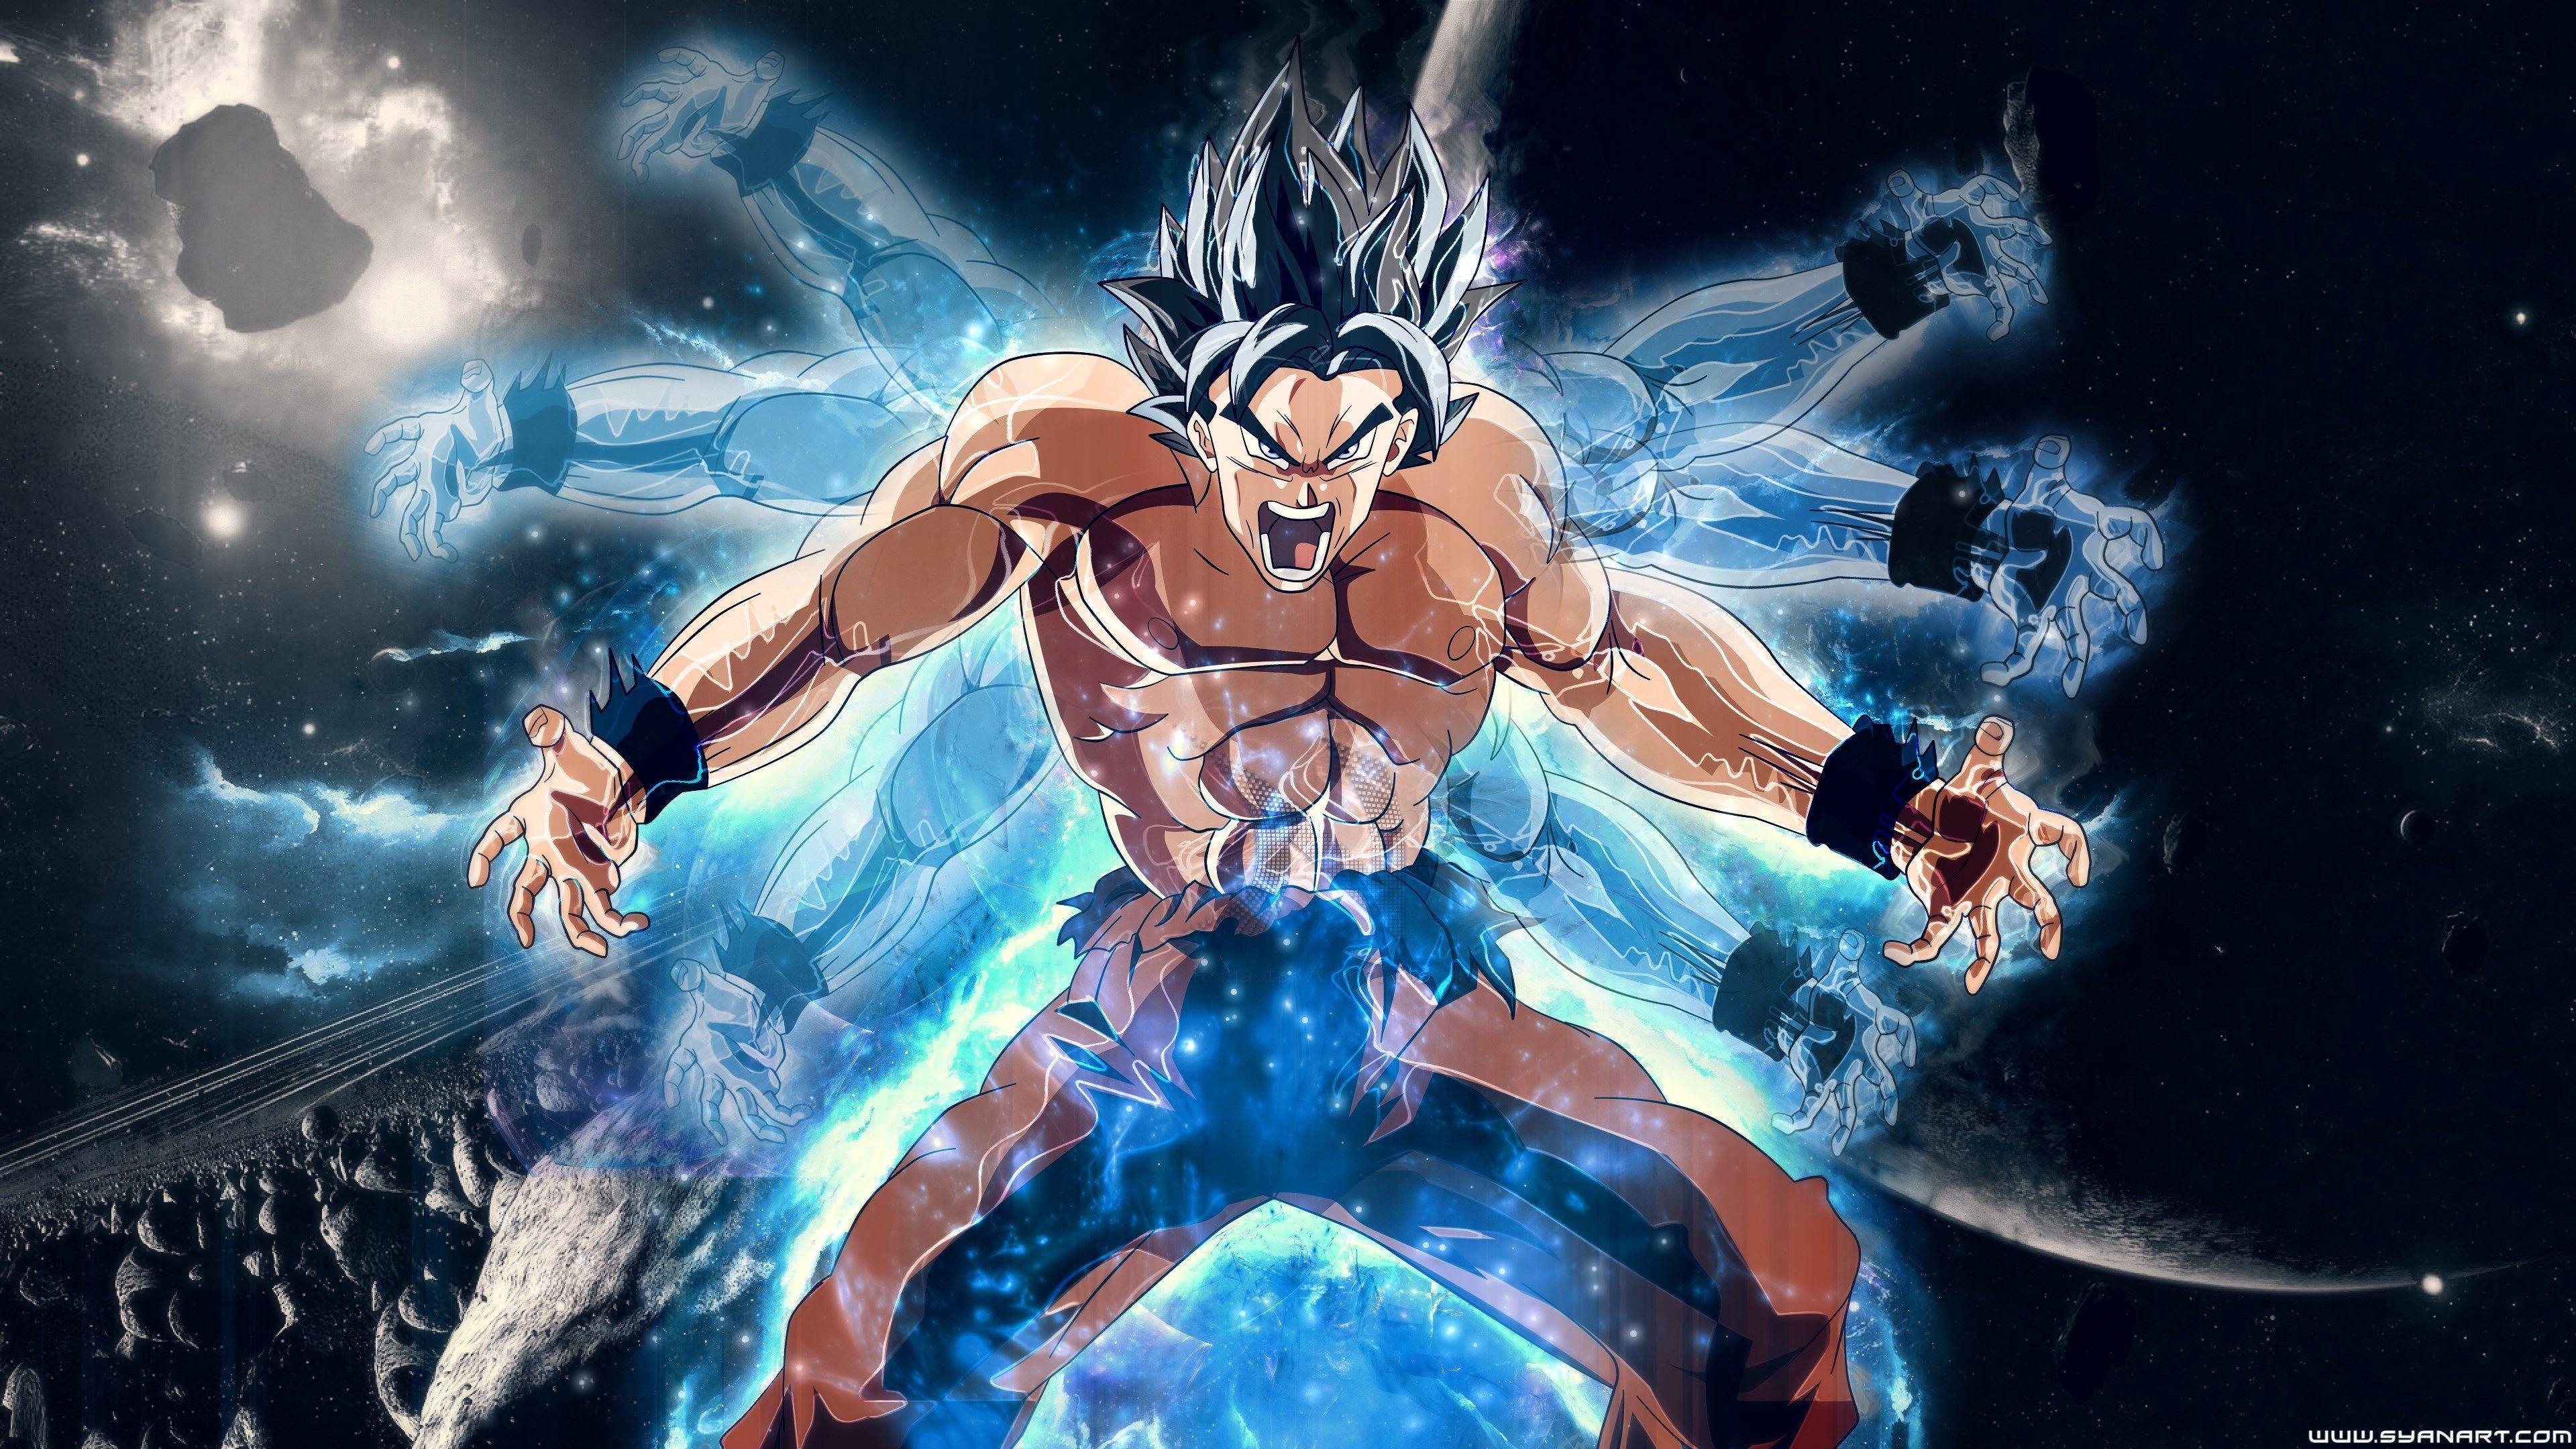 Dragon Ball Z Animated Wallpaper Animated Wallpaper Dragon Ball Super Wallpapers Dragon Ball Super Goku Dragon Ball Wallpapers